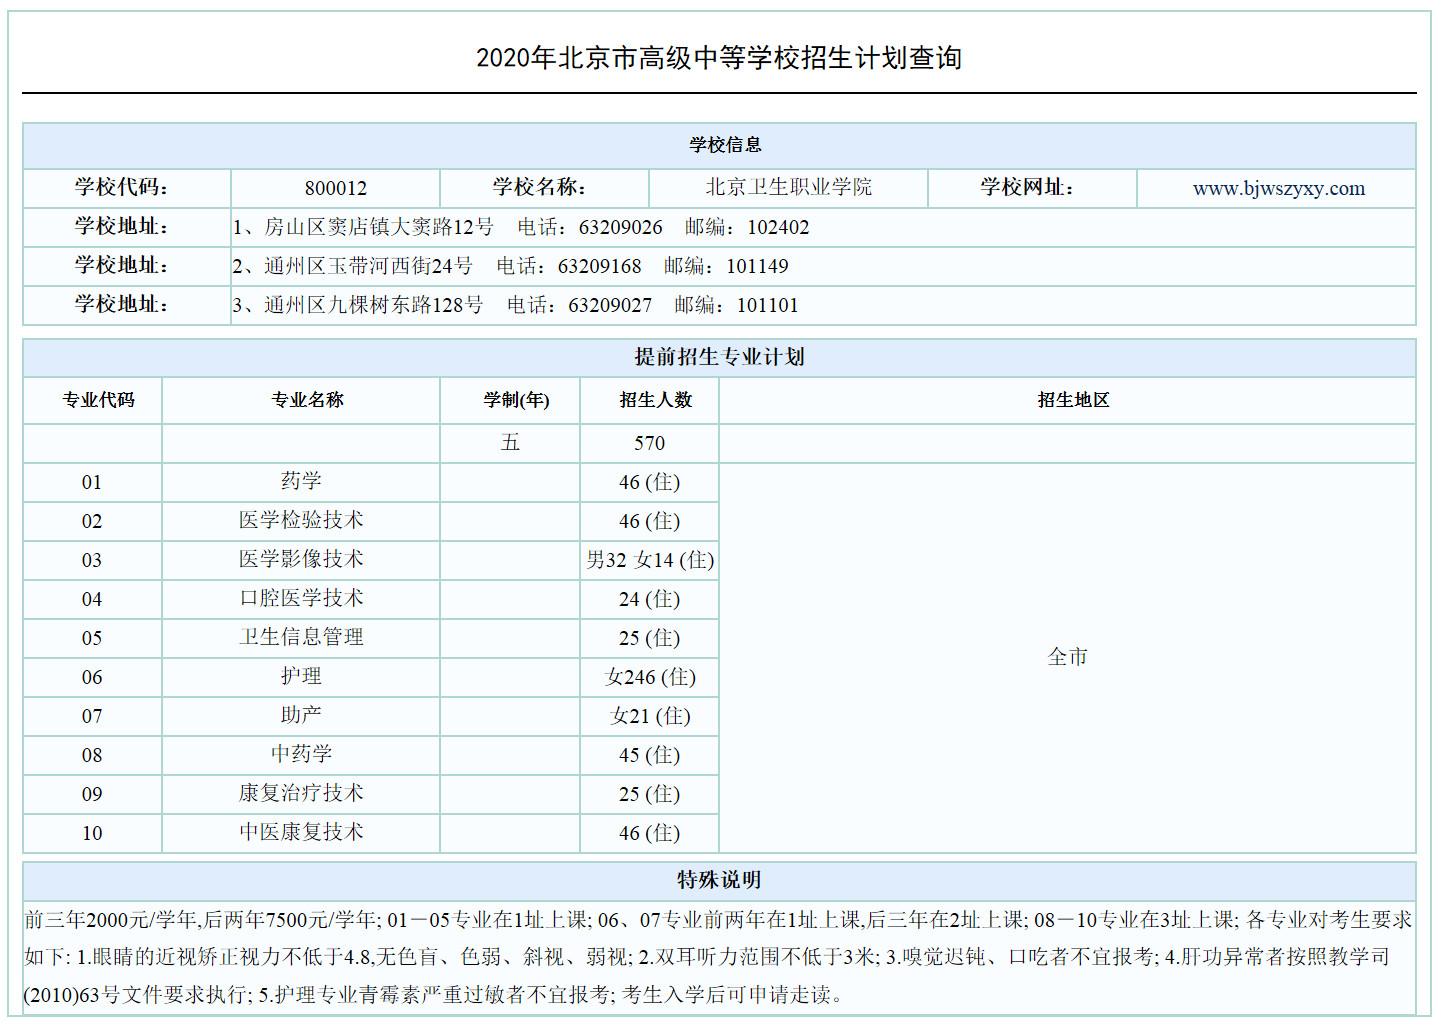 2020北京卫生职业学院提前招生计划公布(市属五年制高职)